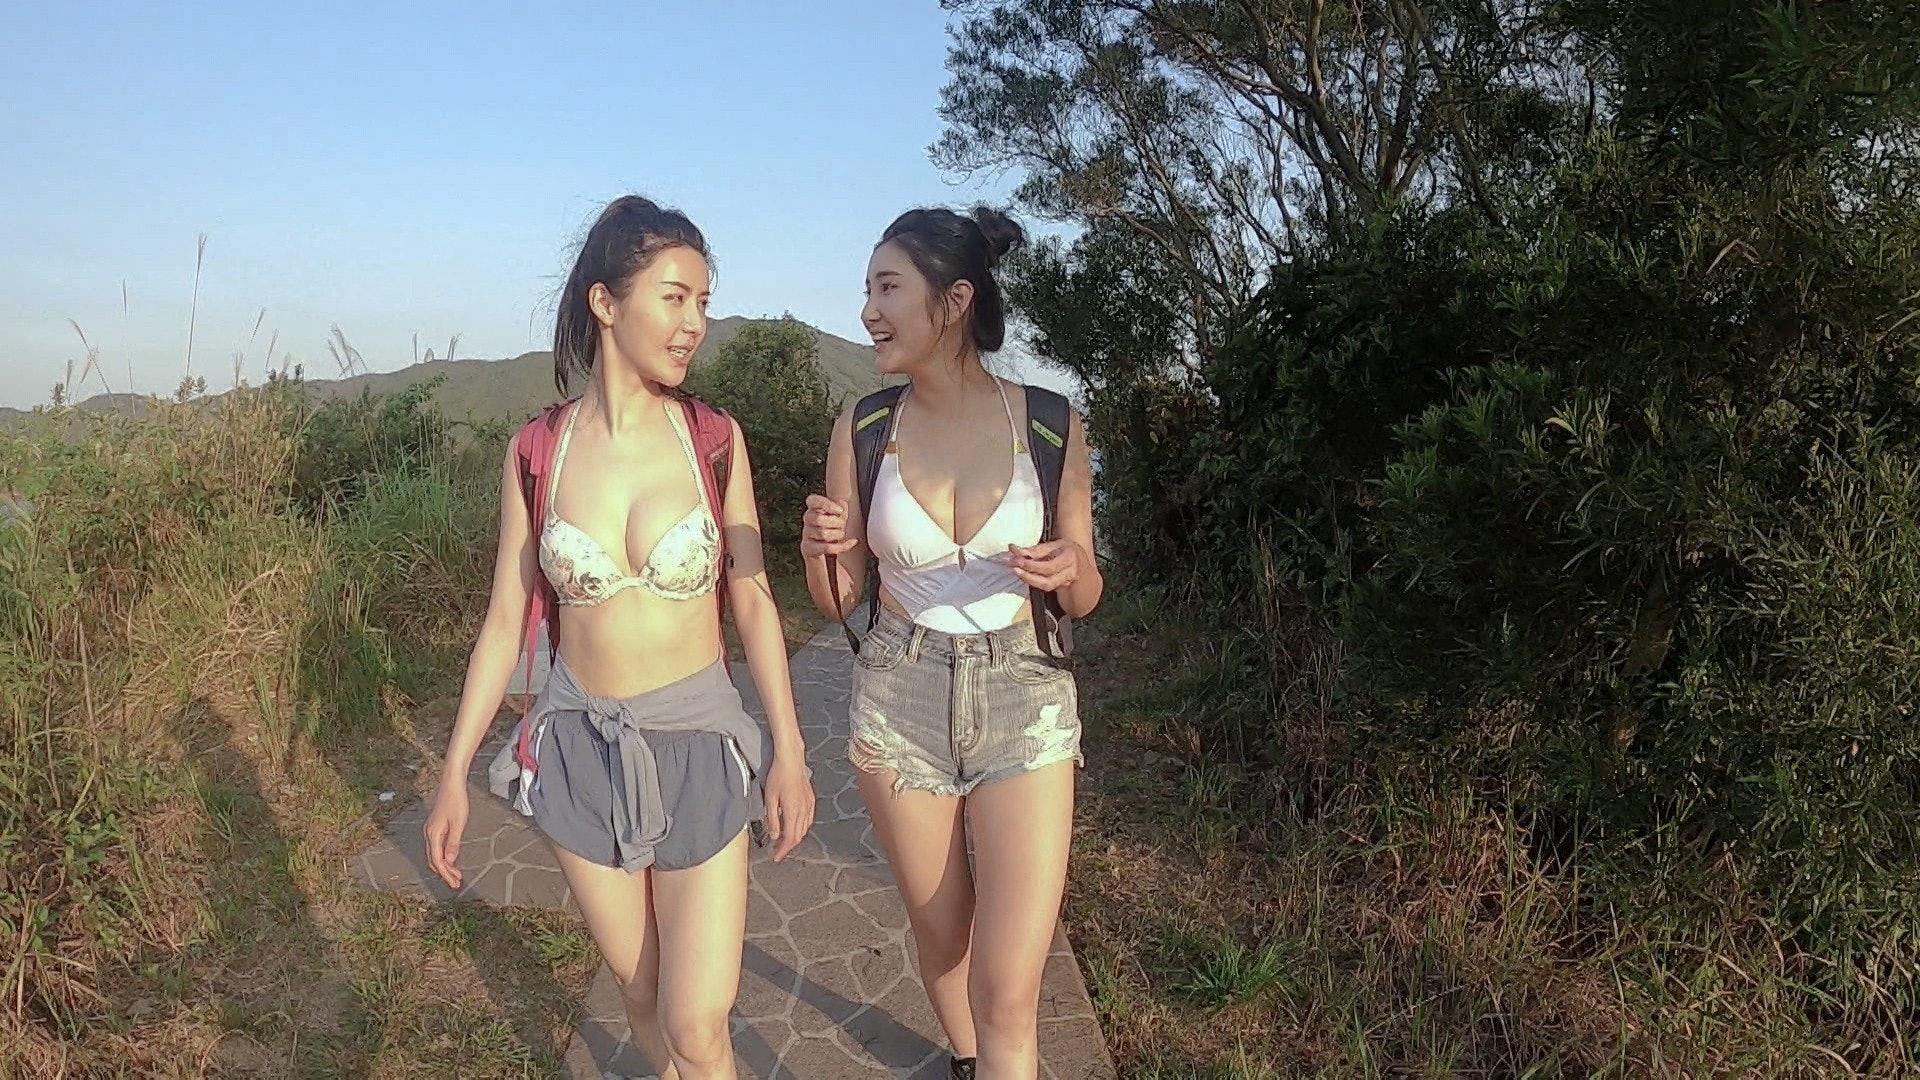 《美女郊遊遊》由沈殷怡和陳欣妍主持,甚得觀眾喜愛。(ViuTV)